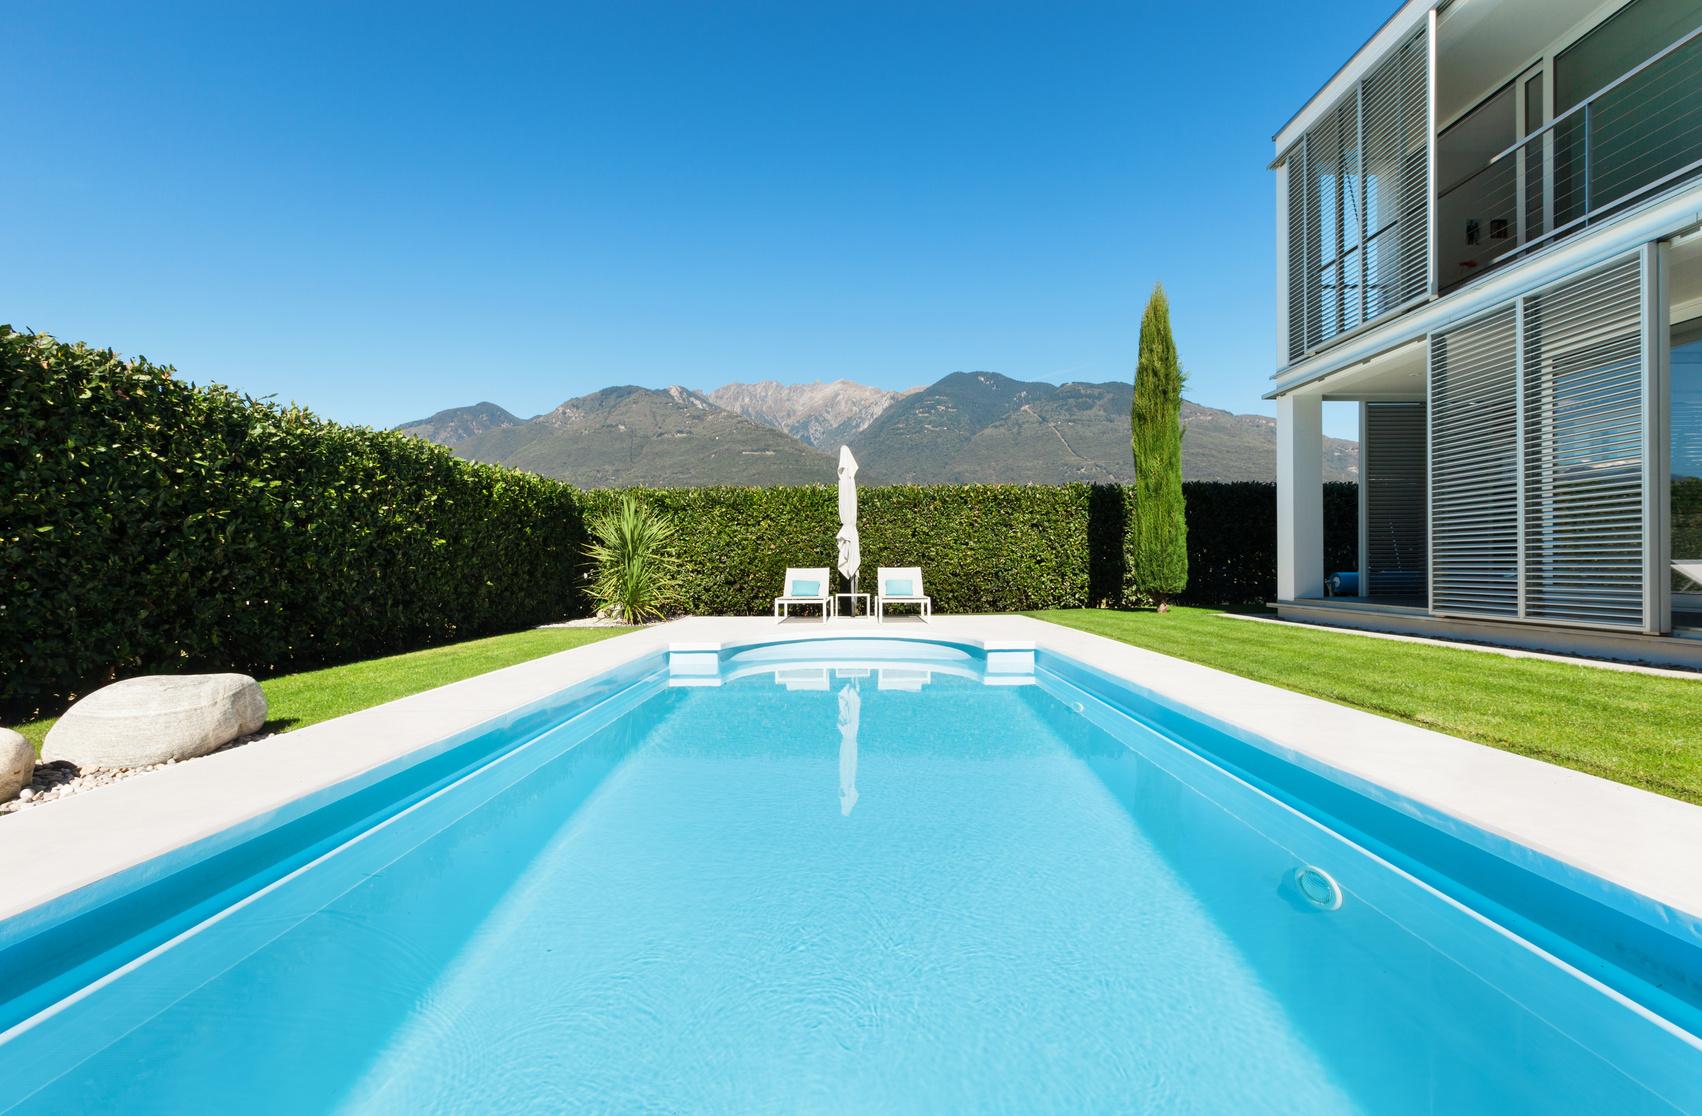 peinture epoxy pour piscine en b ton 11 couleurs blanc. Black Bedroom Furniture Sets. Home Design Ideas